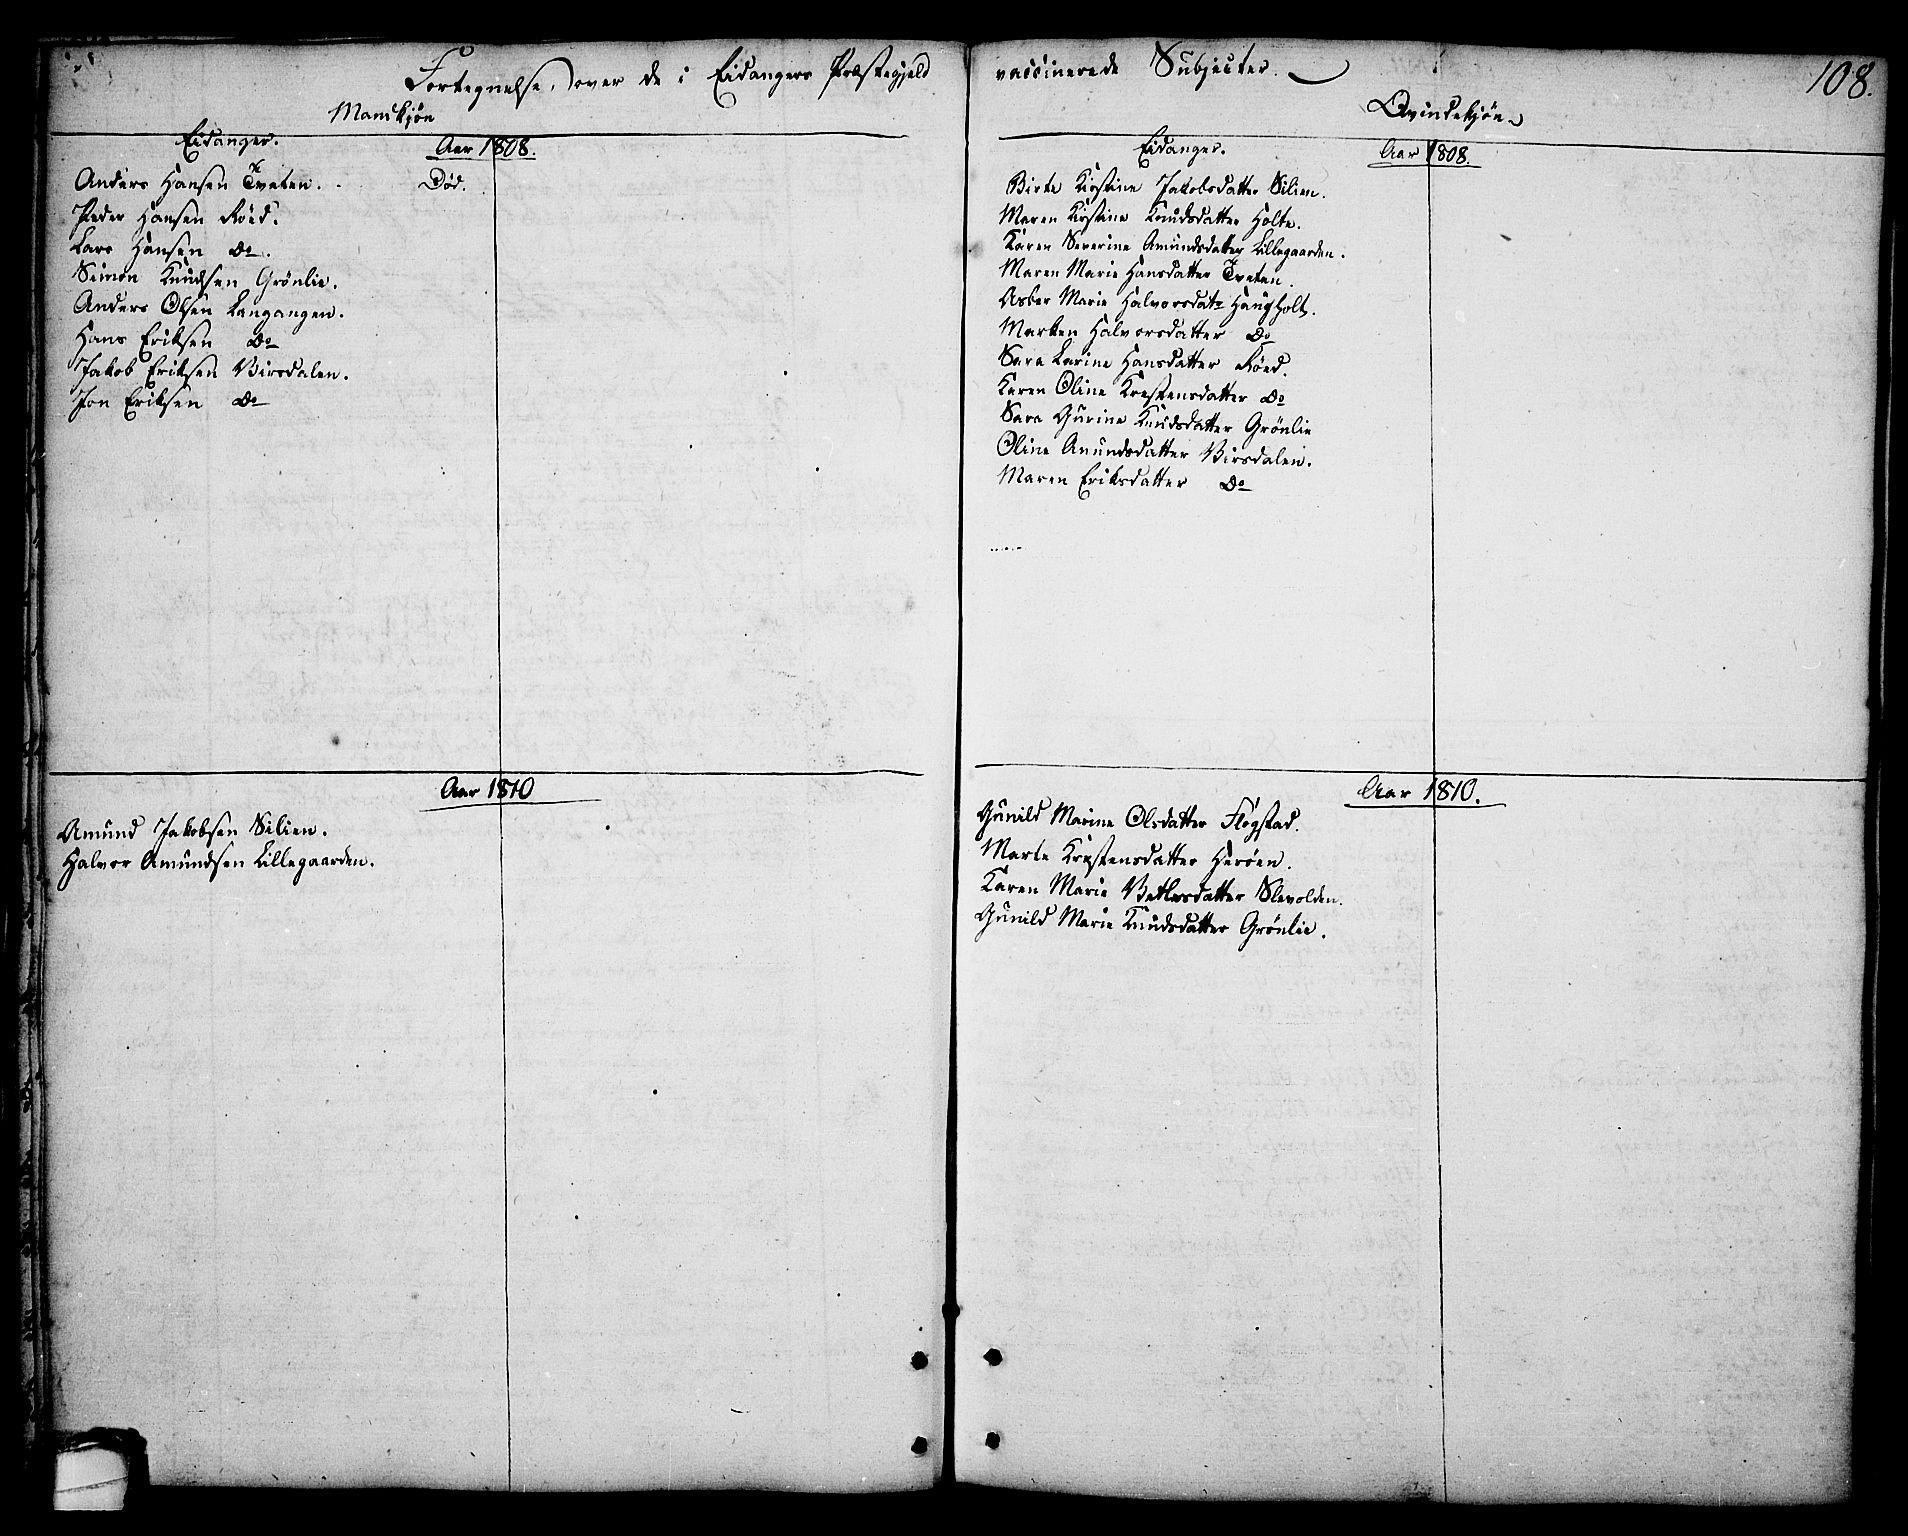 SAKO, Brevik kirkebøker, F/Fa/L0003: Ministerialbok nr. 3, 1764-1814, s. 108